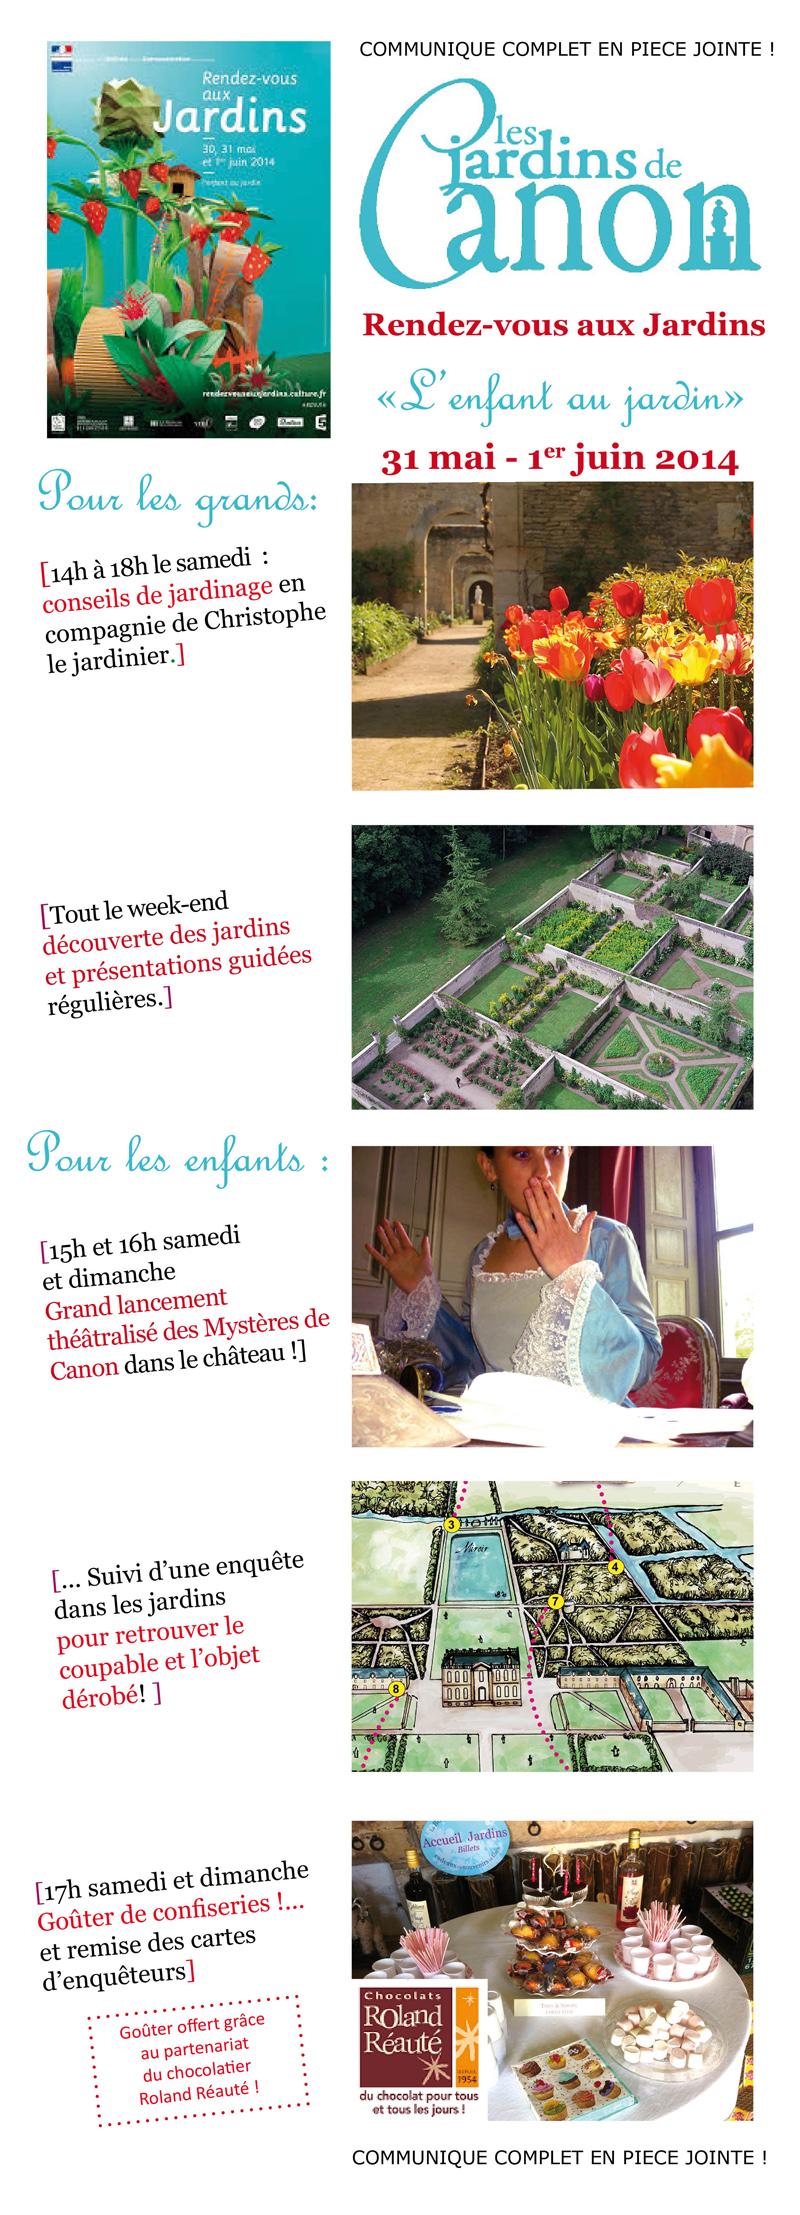 Les jardins de canon la tartine basse normandie for Rdv aux jardins